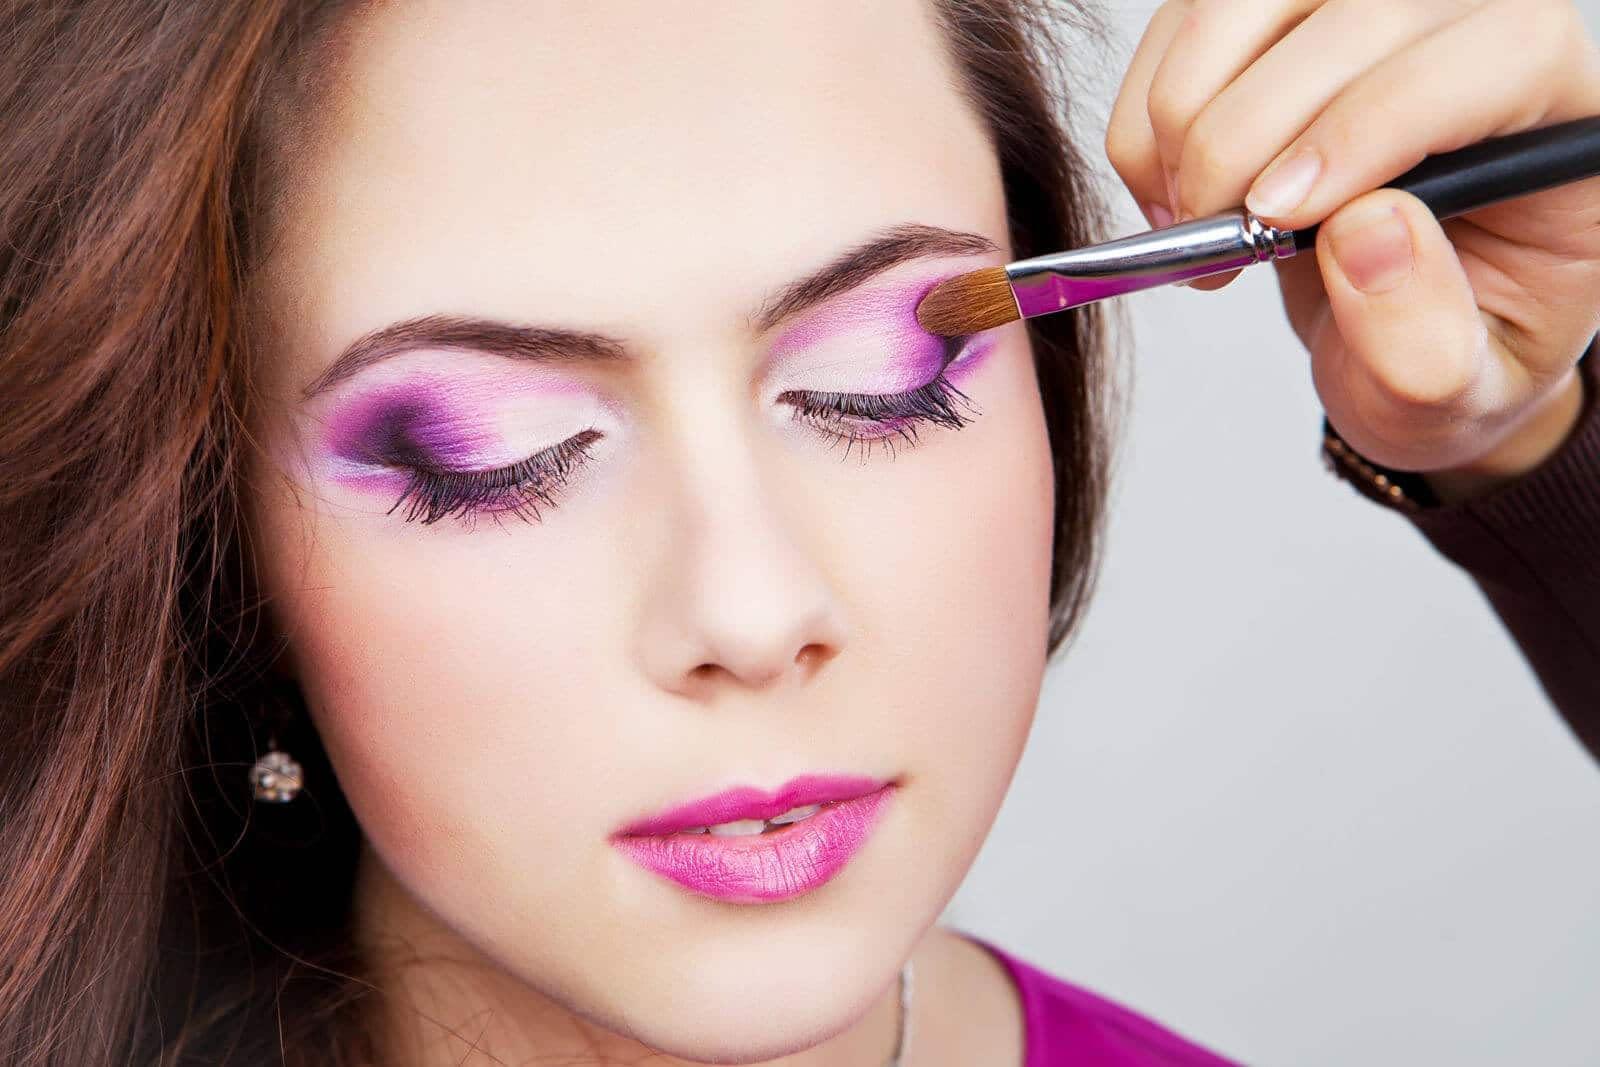 Crossdressing Makeup Gets Professional – Crossdresser Heaven